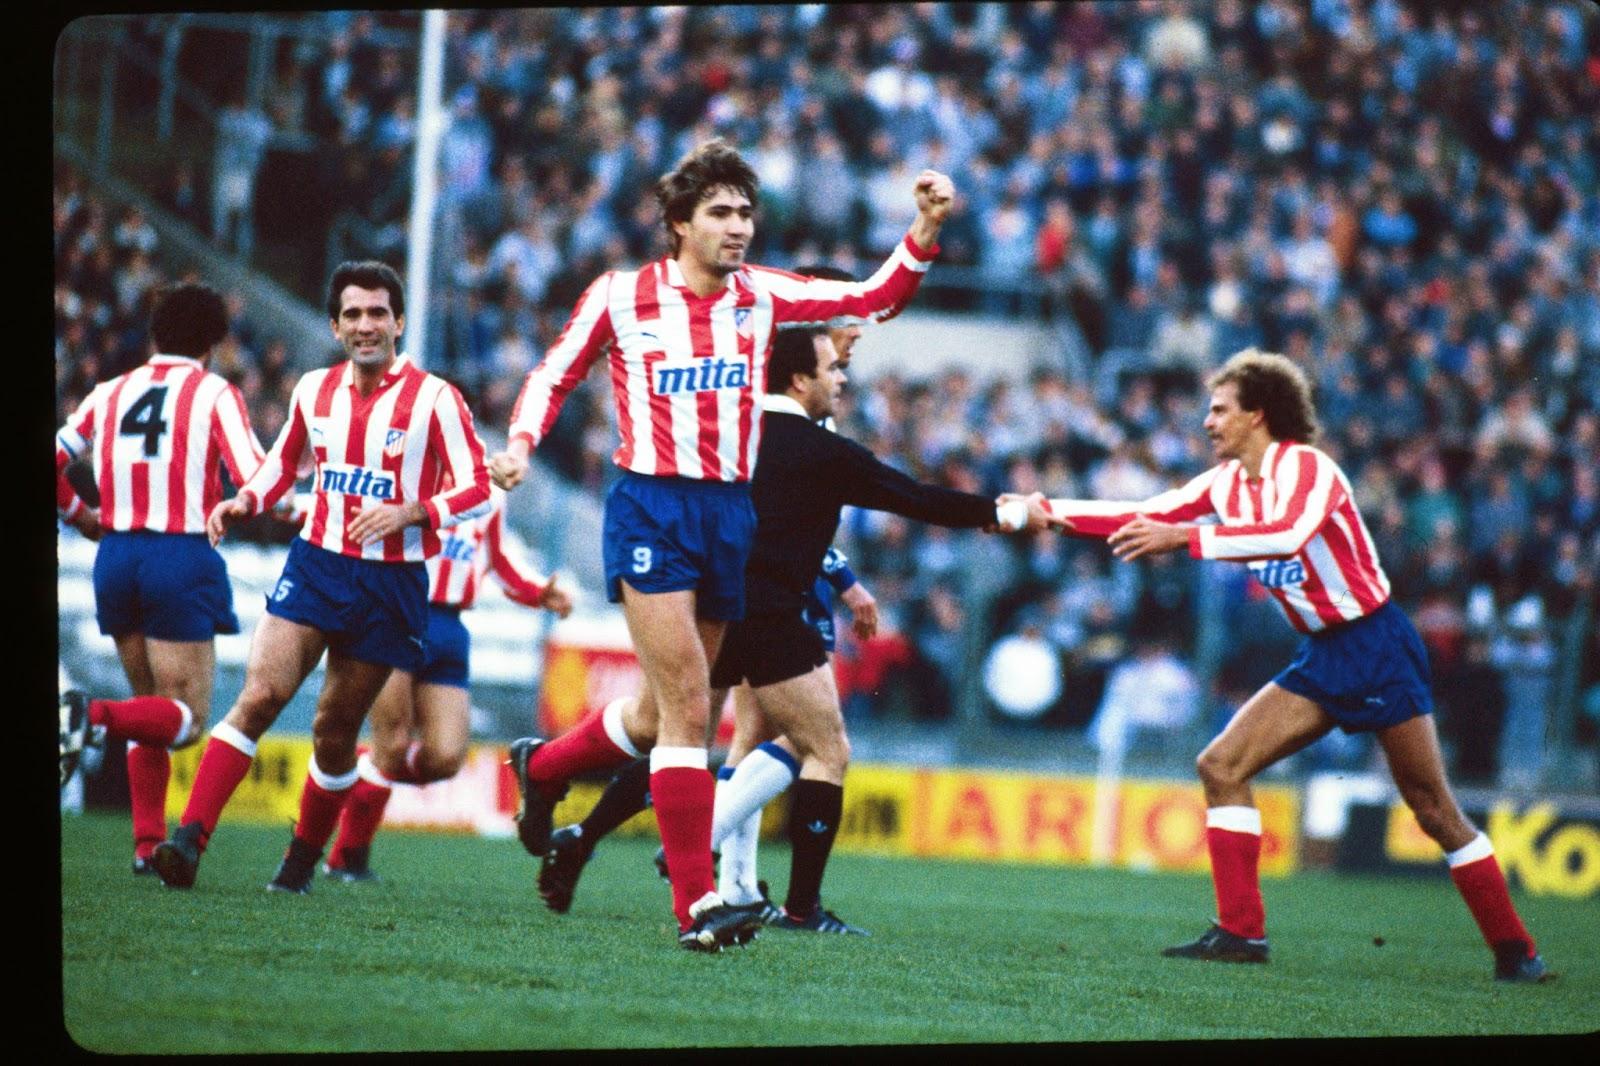 Salinas Atlético